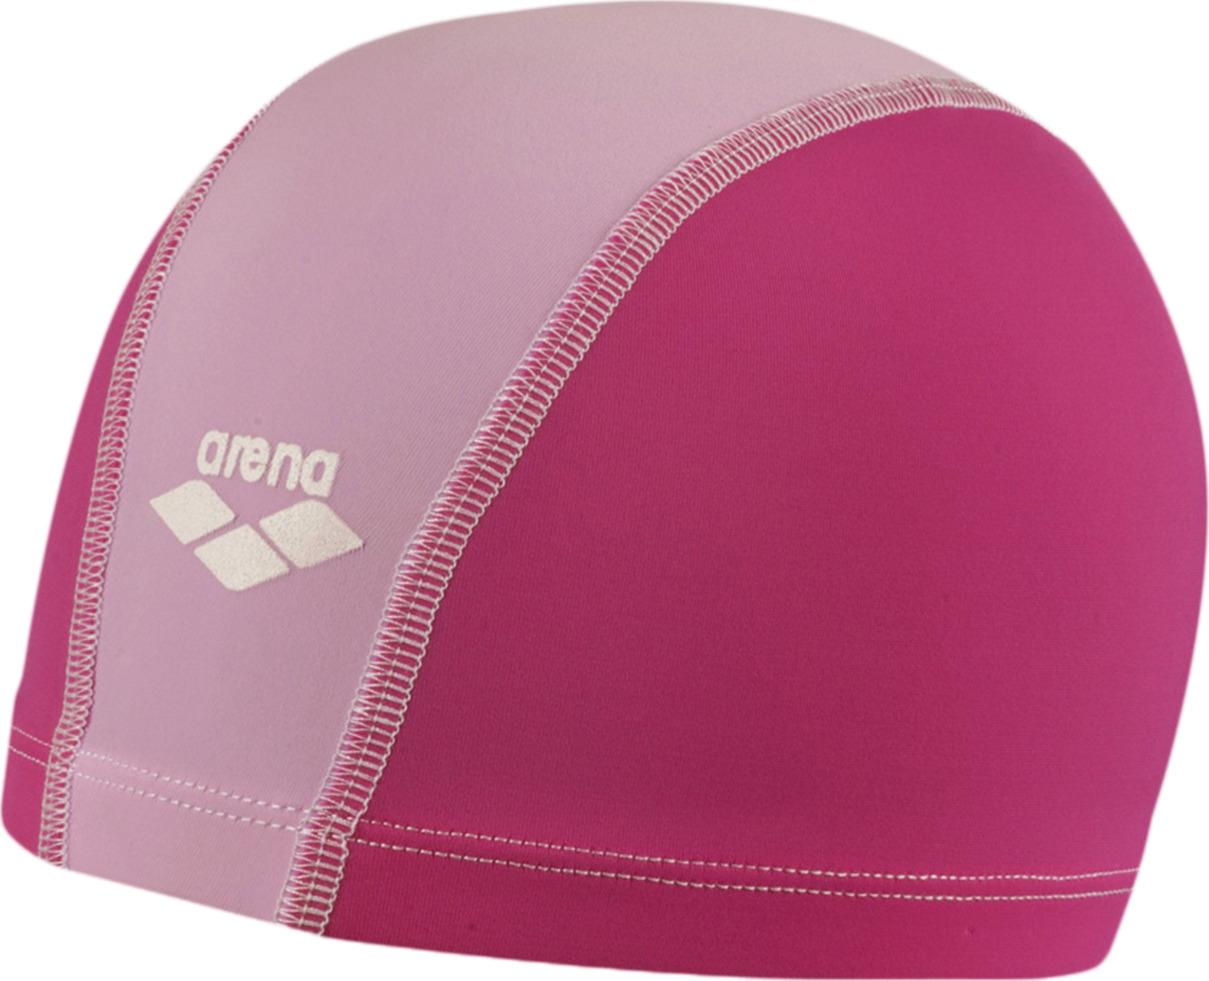 Шапочка для плавания детская Arena Unix Jr, цвет: розовый, белый. 91279 25 шапочка для плавания arena polyester  цвет  темно синий